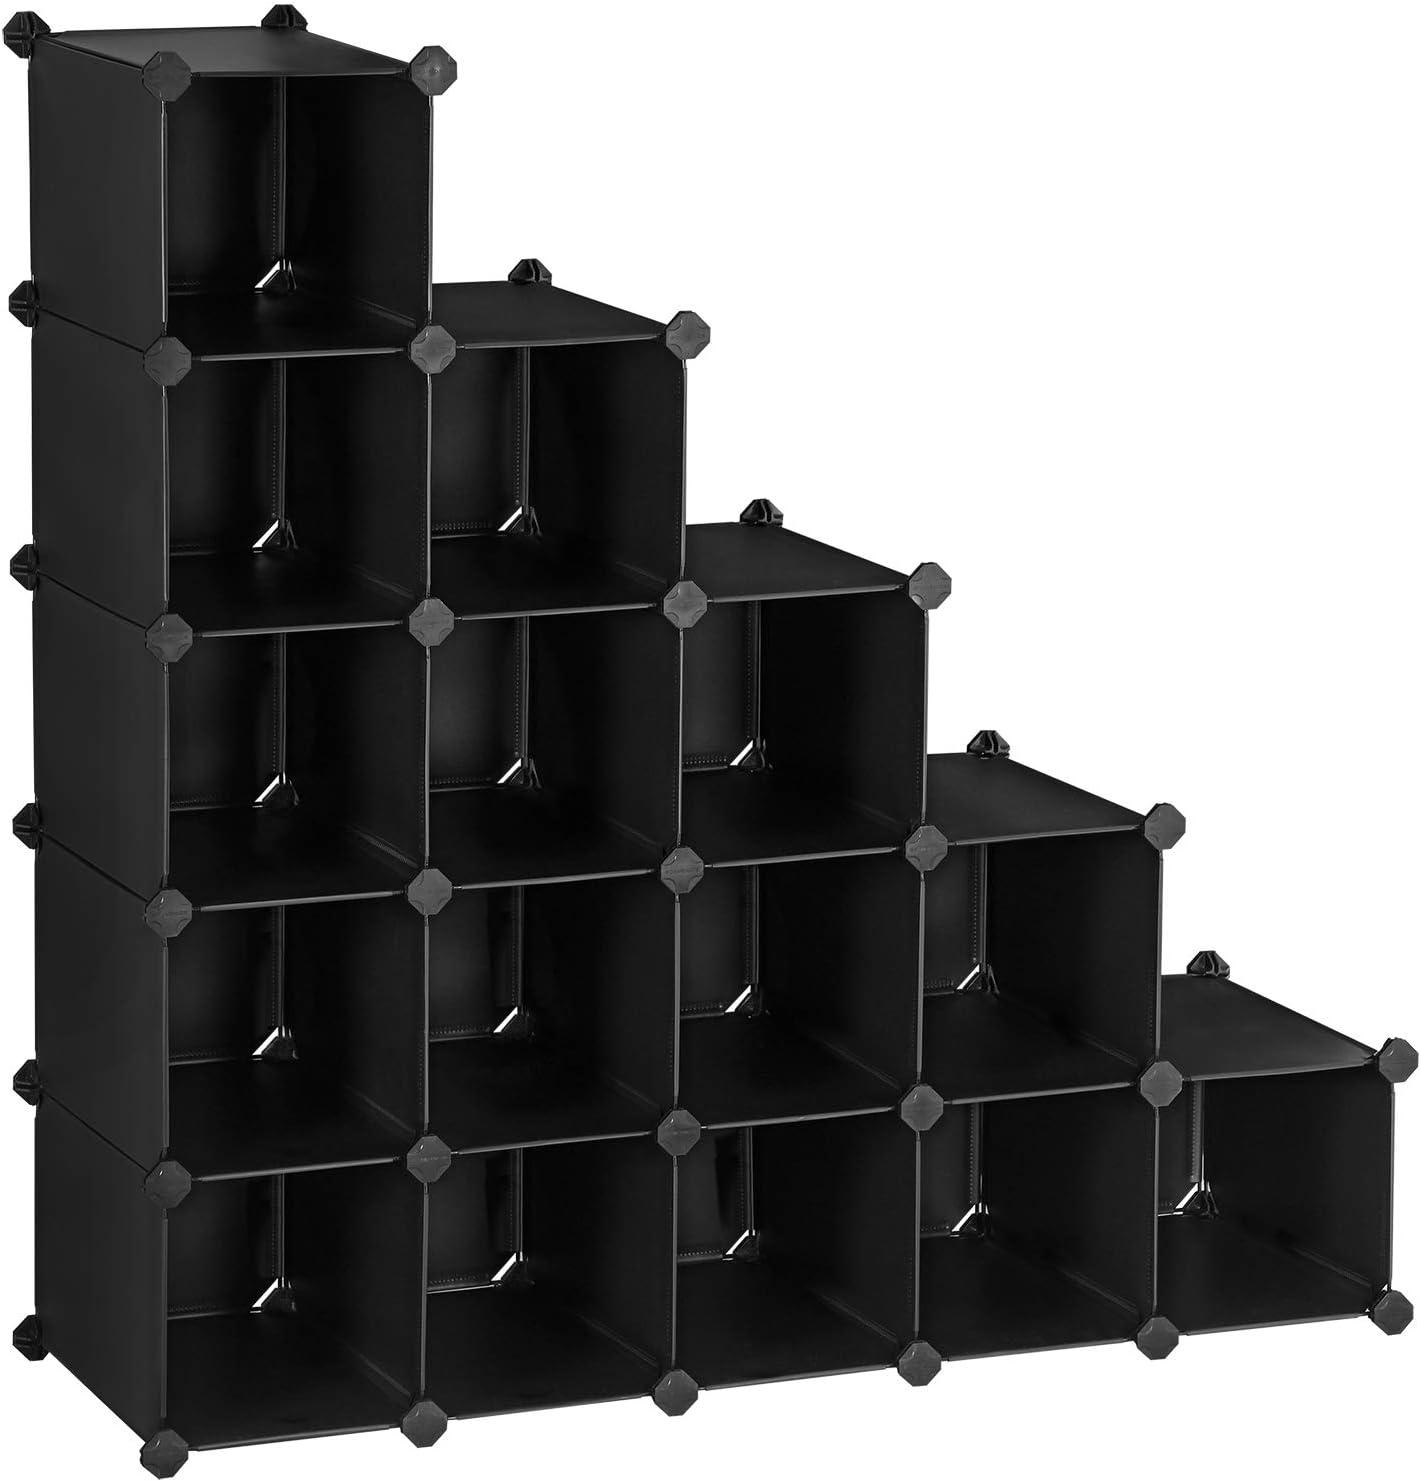 SONGMICS Zapatero con Enclavamiento, Almacenamiento Rectangular, Estantería Modular para Bricolaje de 12 Ranuras, 40 x 30 x 17 cm por cada ranura, Armario de Alambre Metálico, Negro LPC44HV1